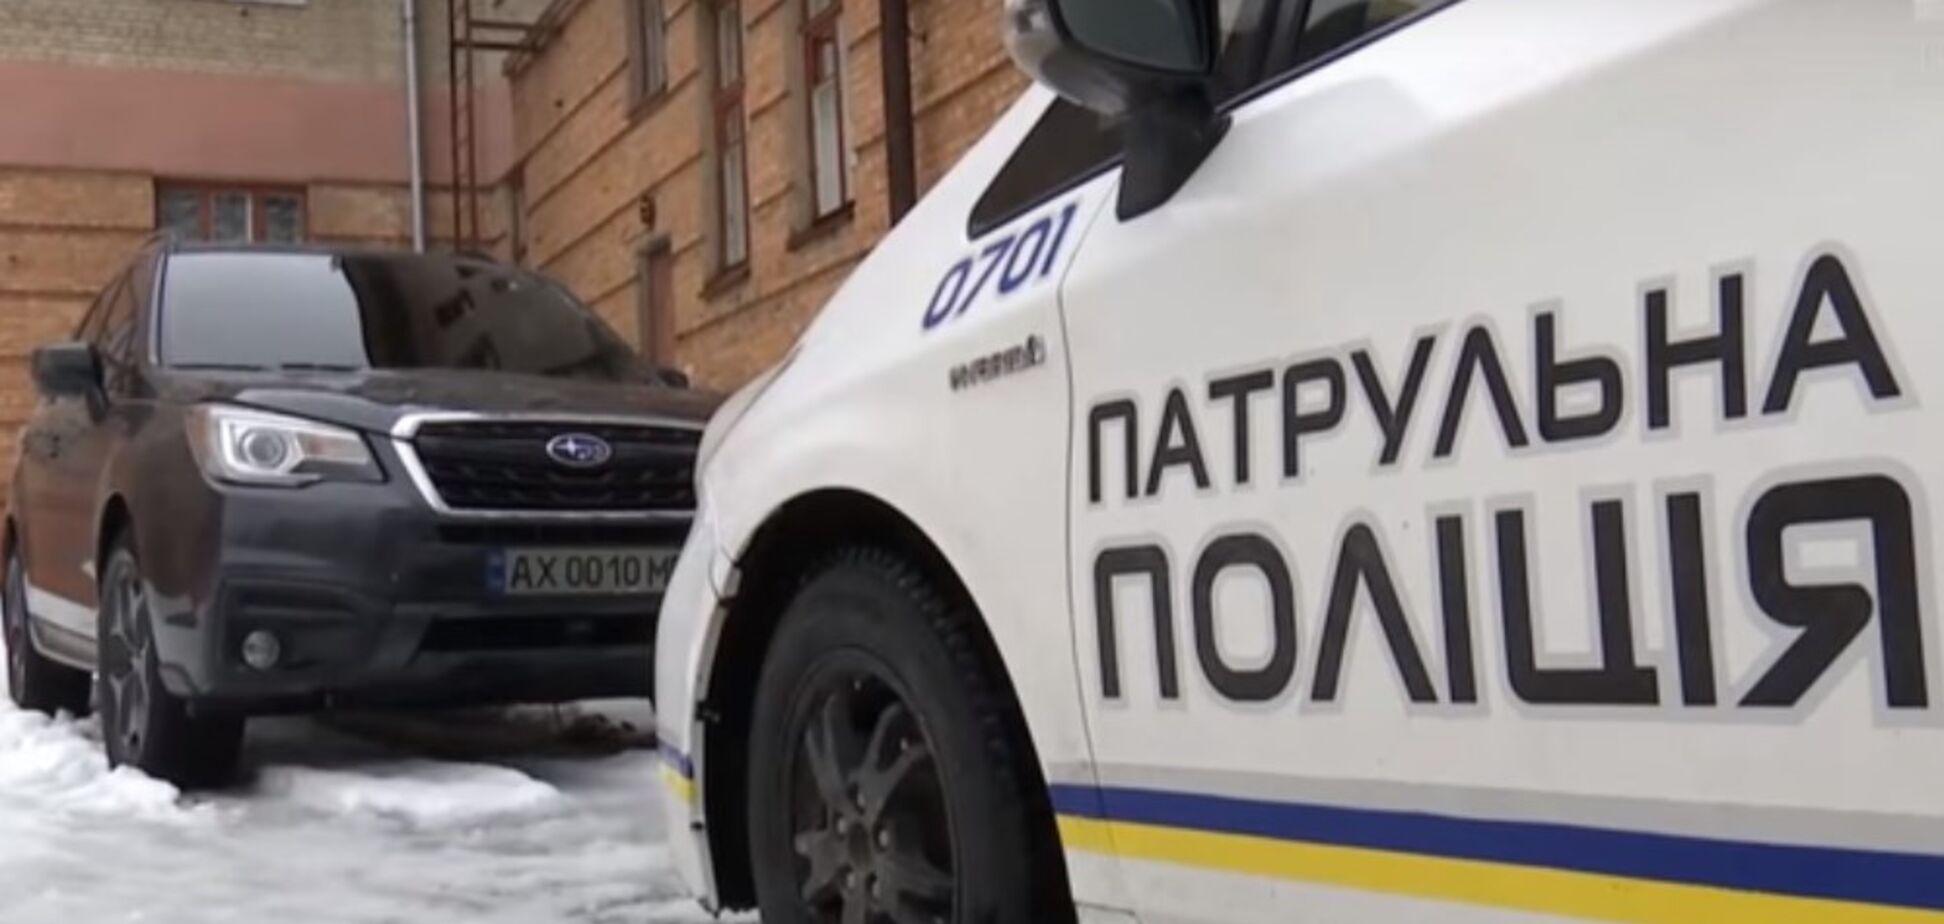 Сплошные дырки: появились детали погони со стрельбой в Харькове. Фото и видео 18+